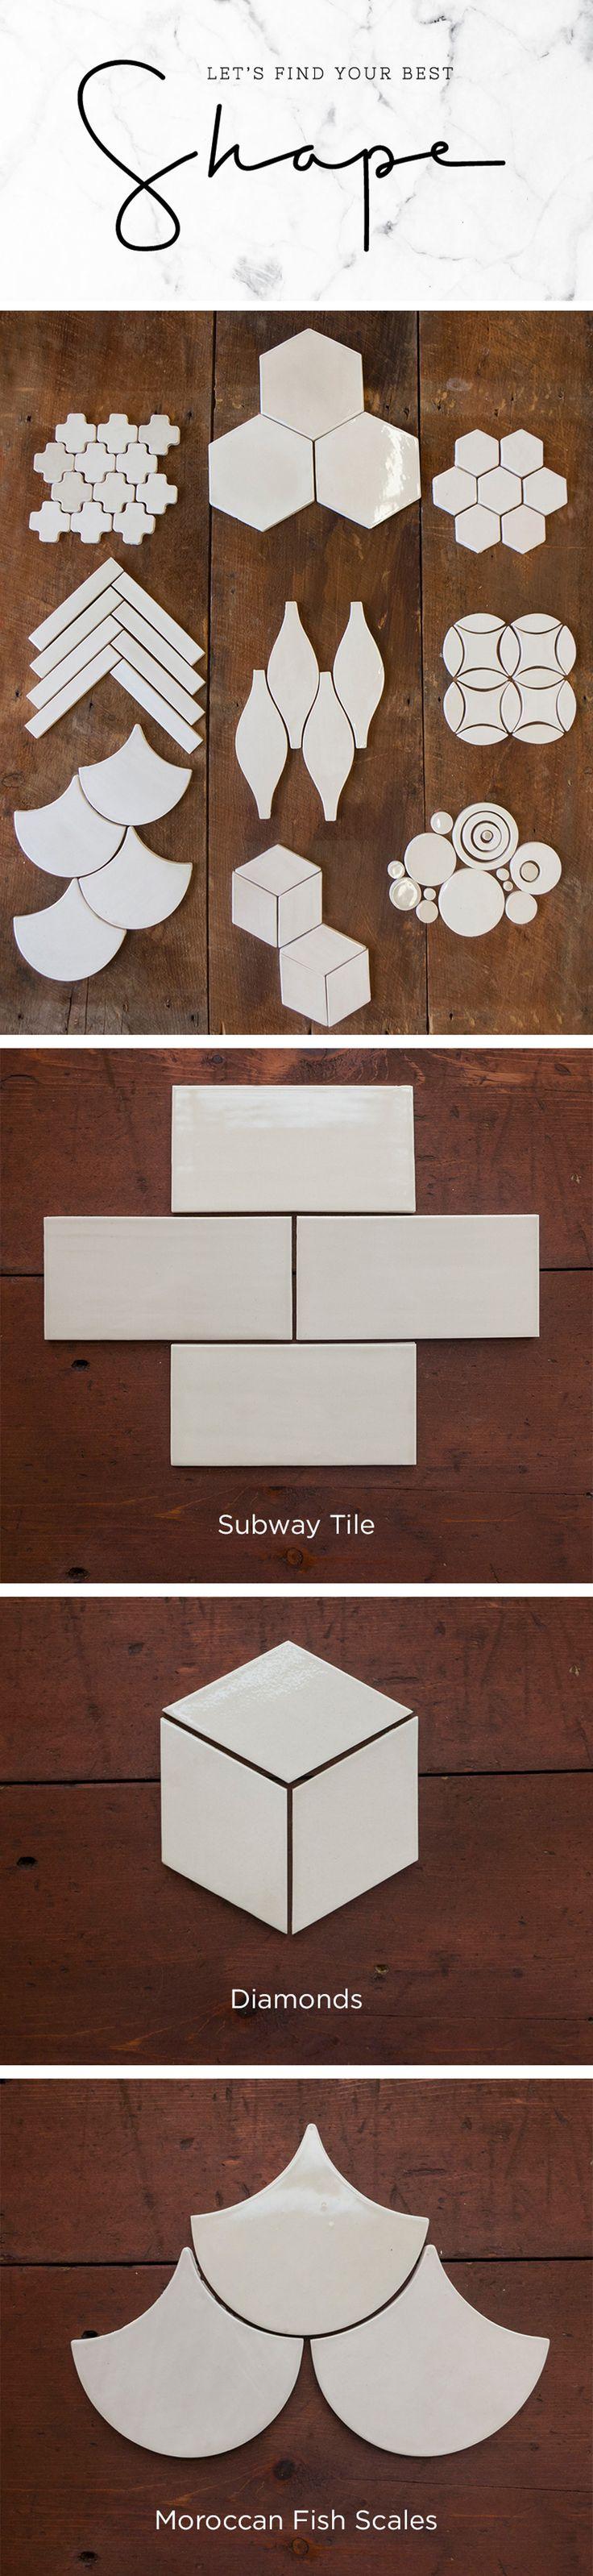 FindyourbestshapePinterest Let's Find Your Best Shape - For Tile All Residential Tile Inspiration